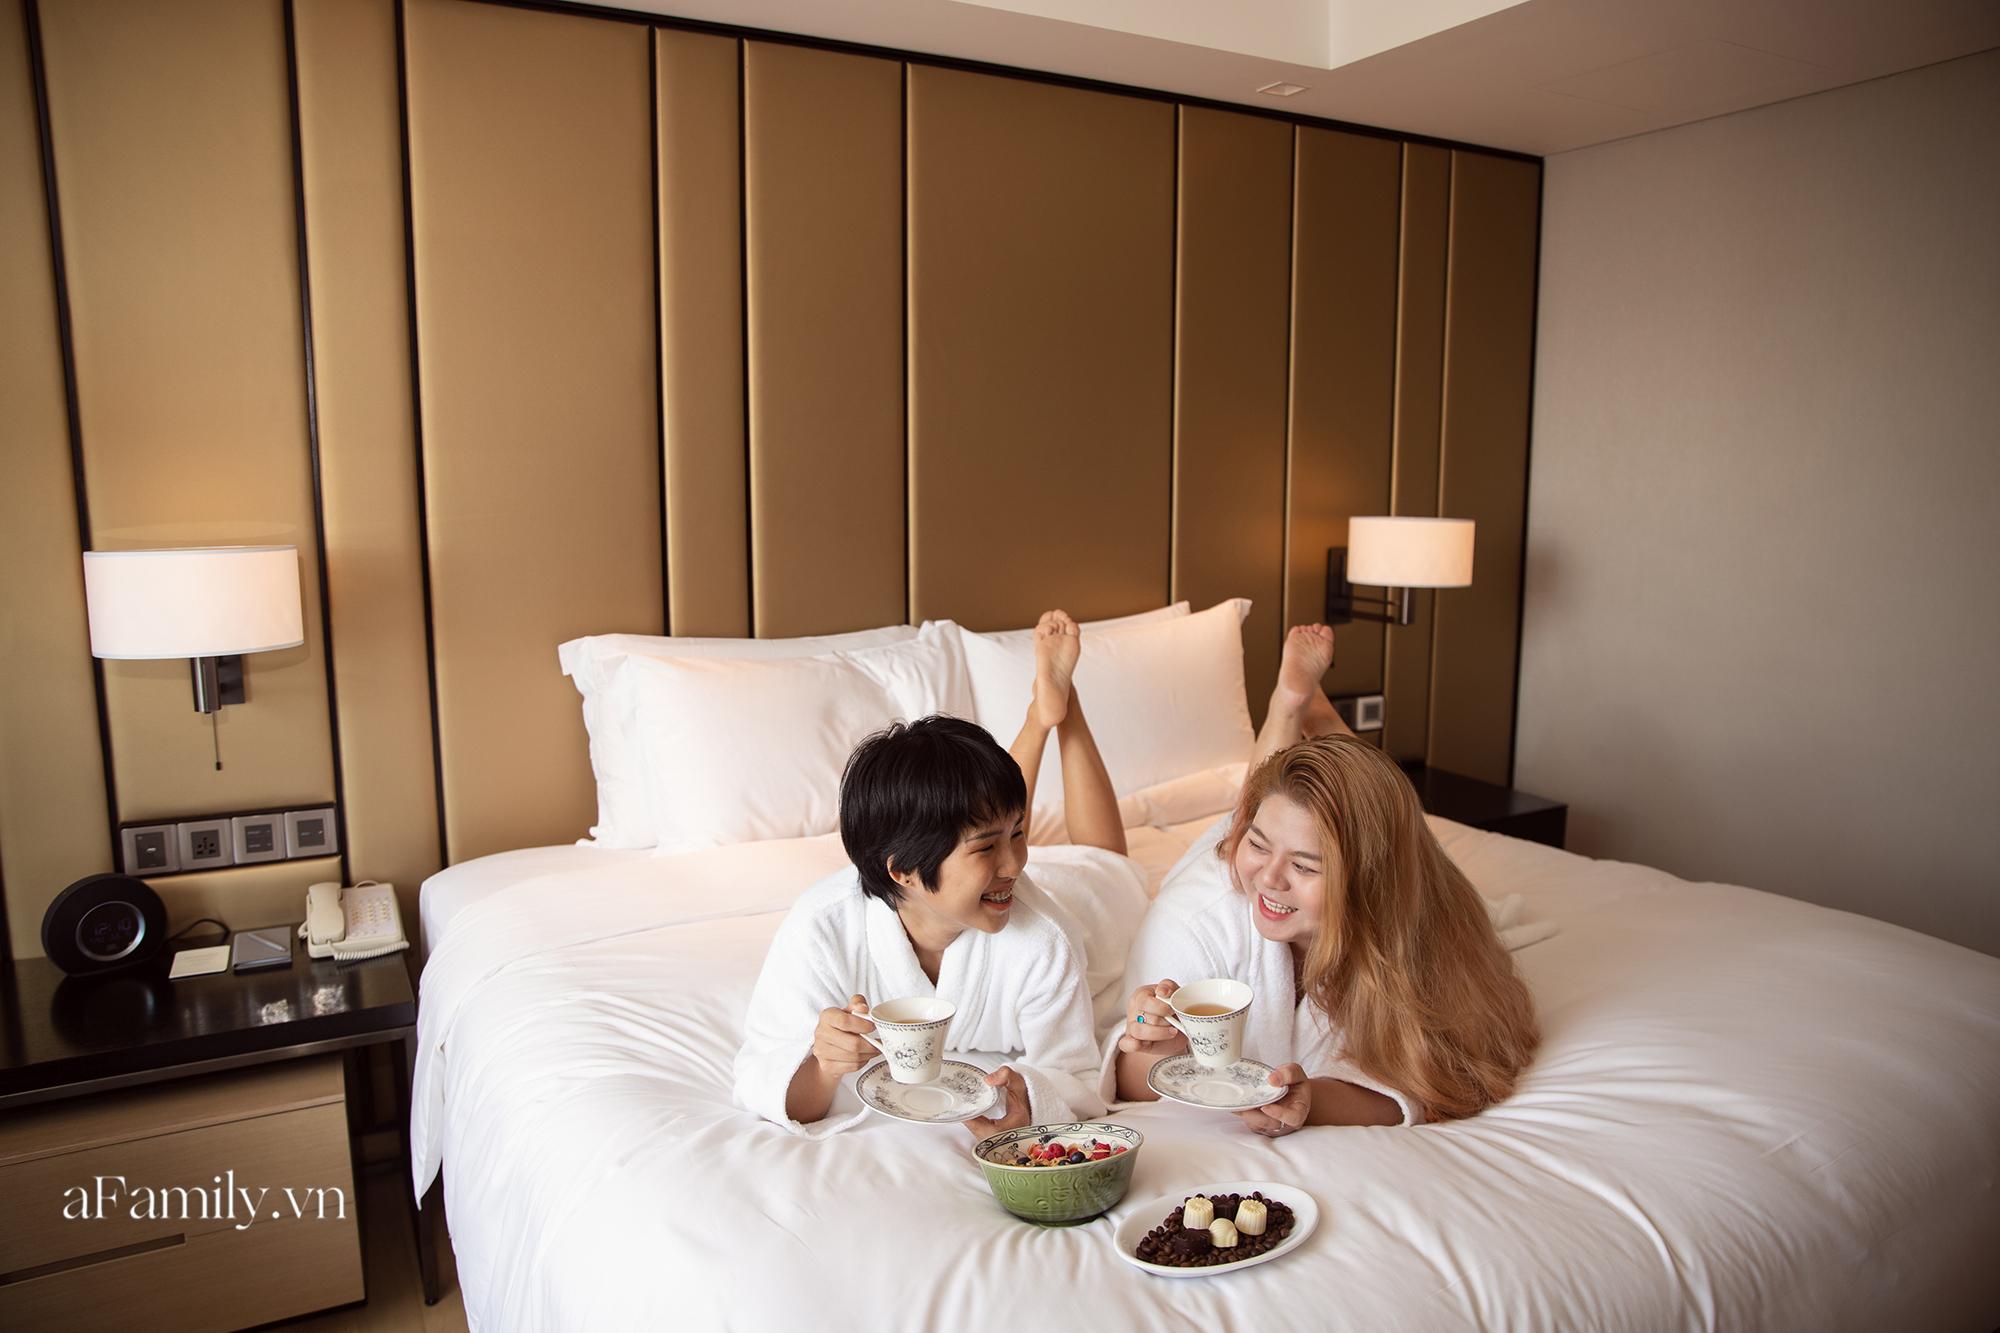 Nhiều người Sài Gòn chọn trải nghiệm kỳ nghỉ 2/9 tại các khách sạn 5 sao vì giá quá hời chỉ bằng một nửa so với ngày thường và đây là 3 nơi siêu lý tưởng  - Ảnh 17.